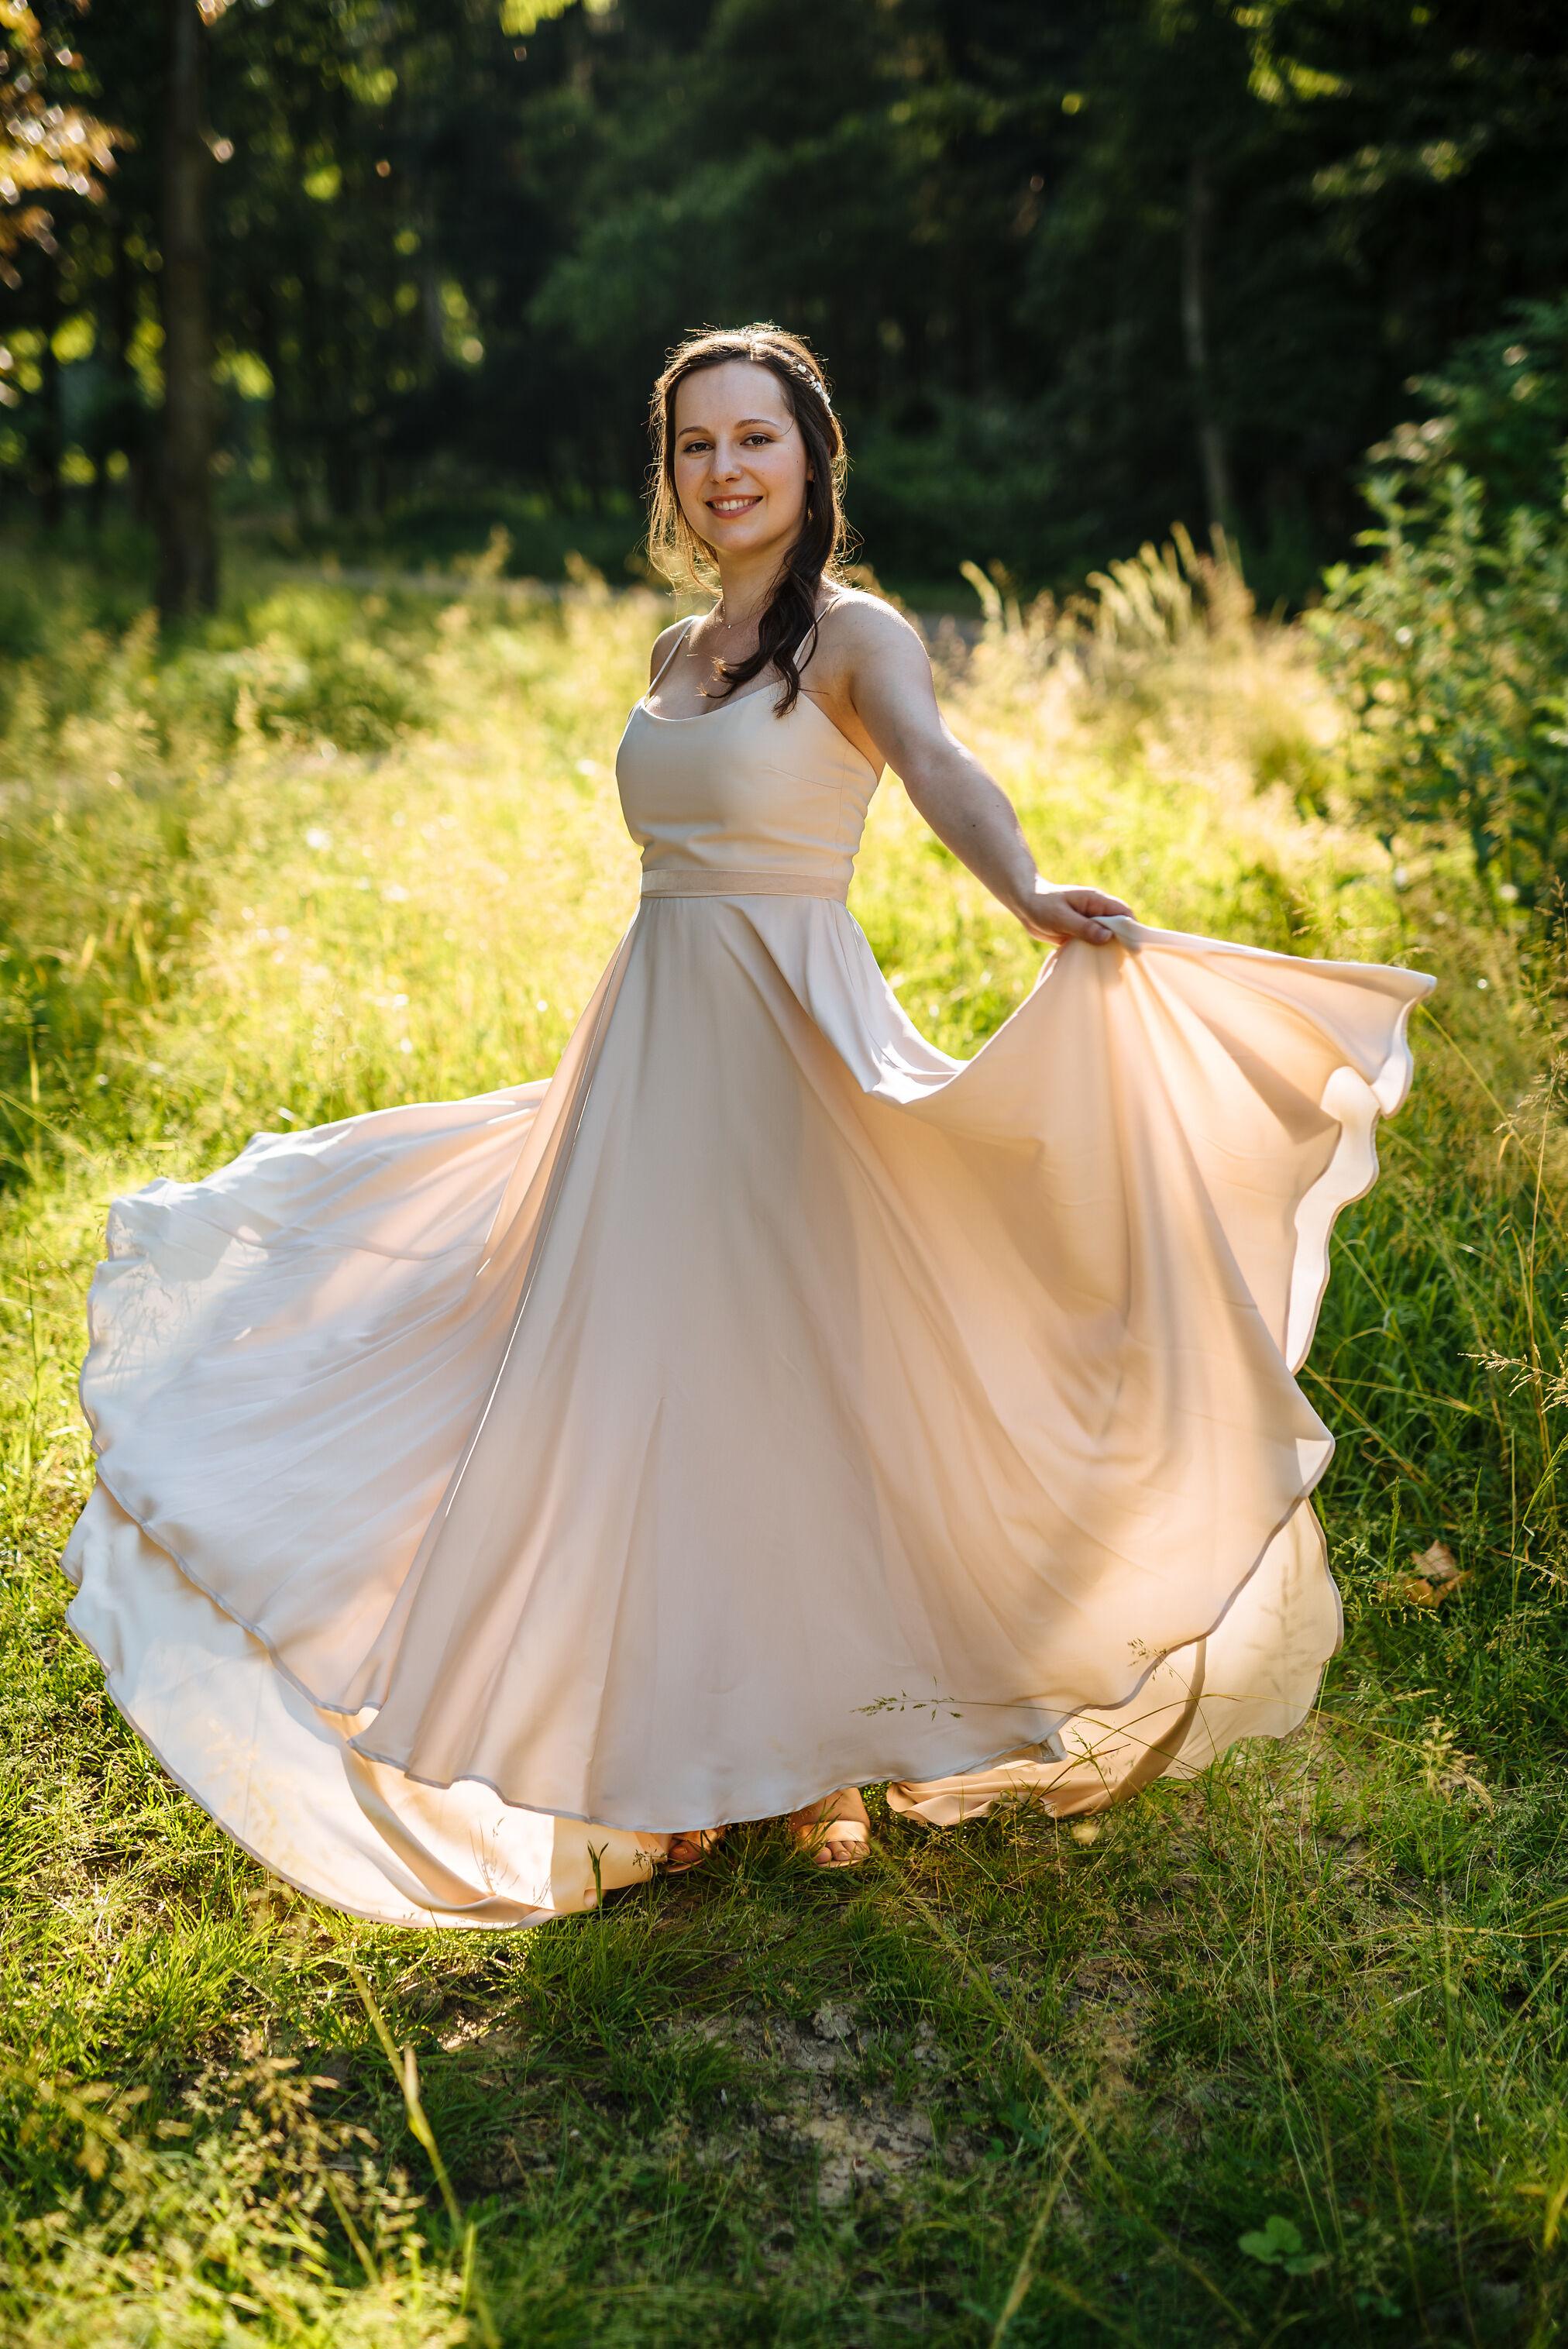 Hochzeit-Garten-Denoti-25.jpg